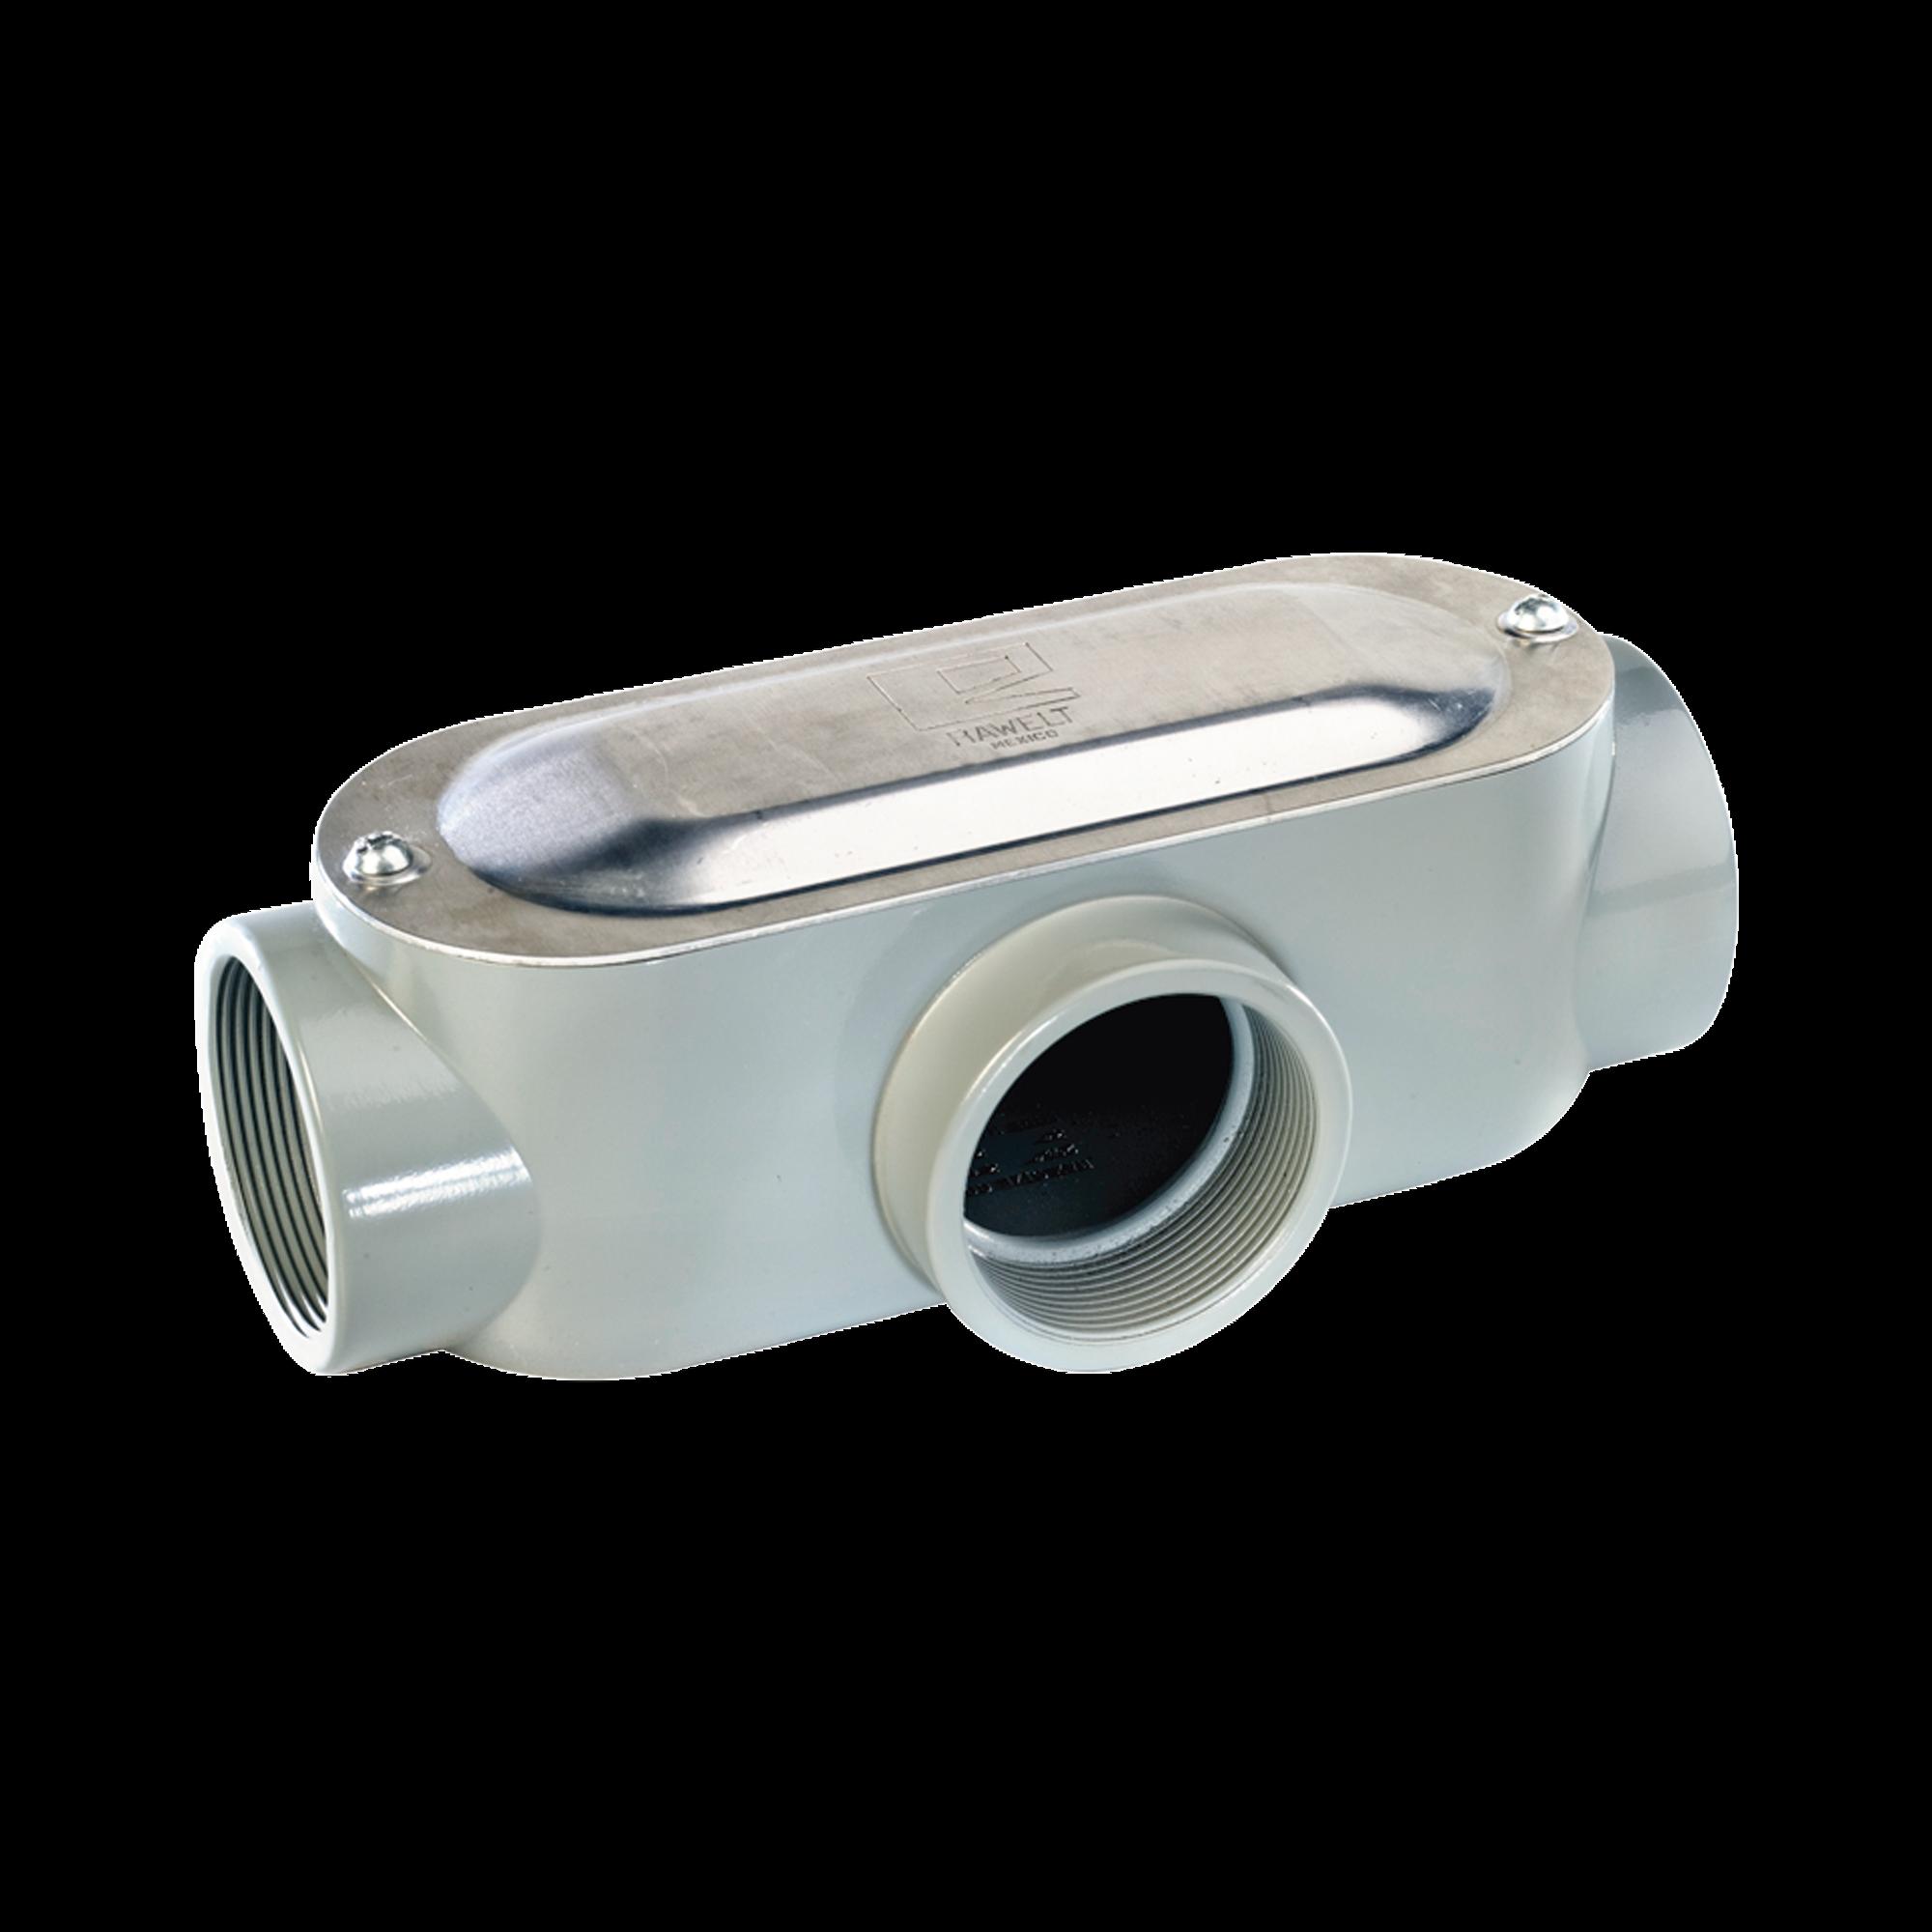 Caja Condulet tipo T de 3/4 (19.05 mm) Incluye tapa y tornillos.